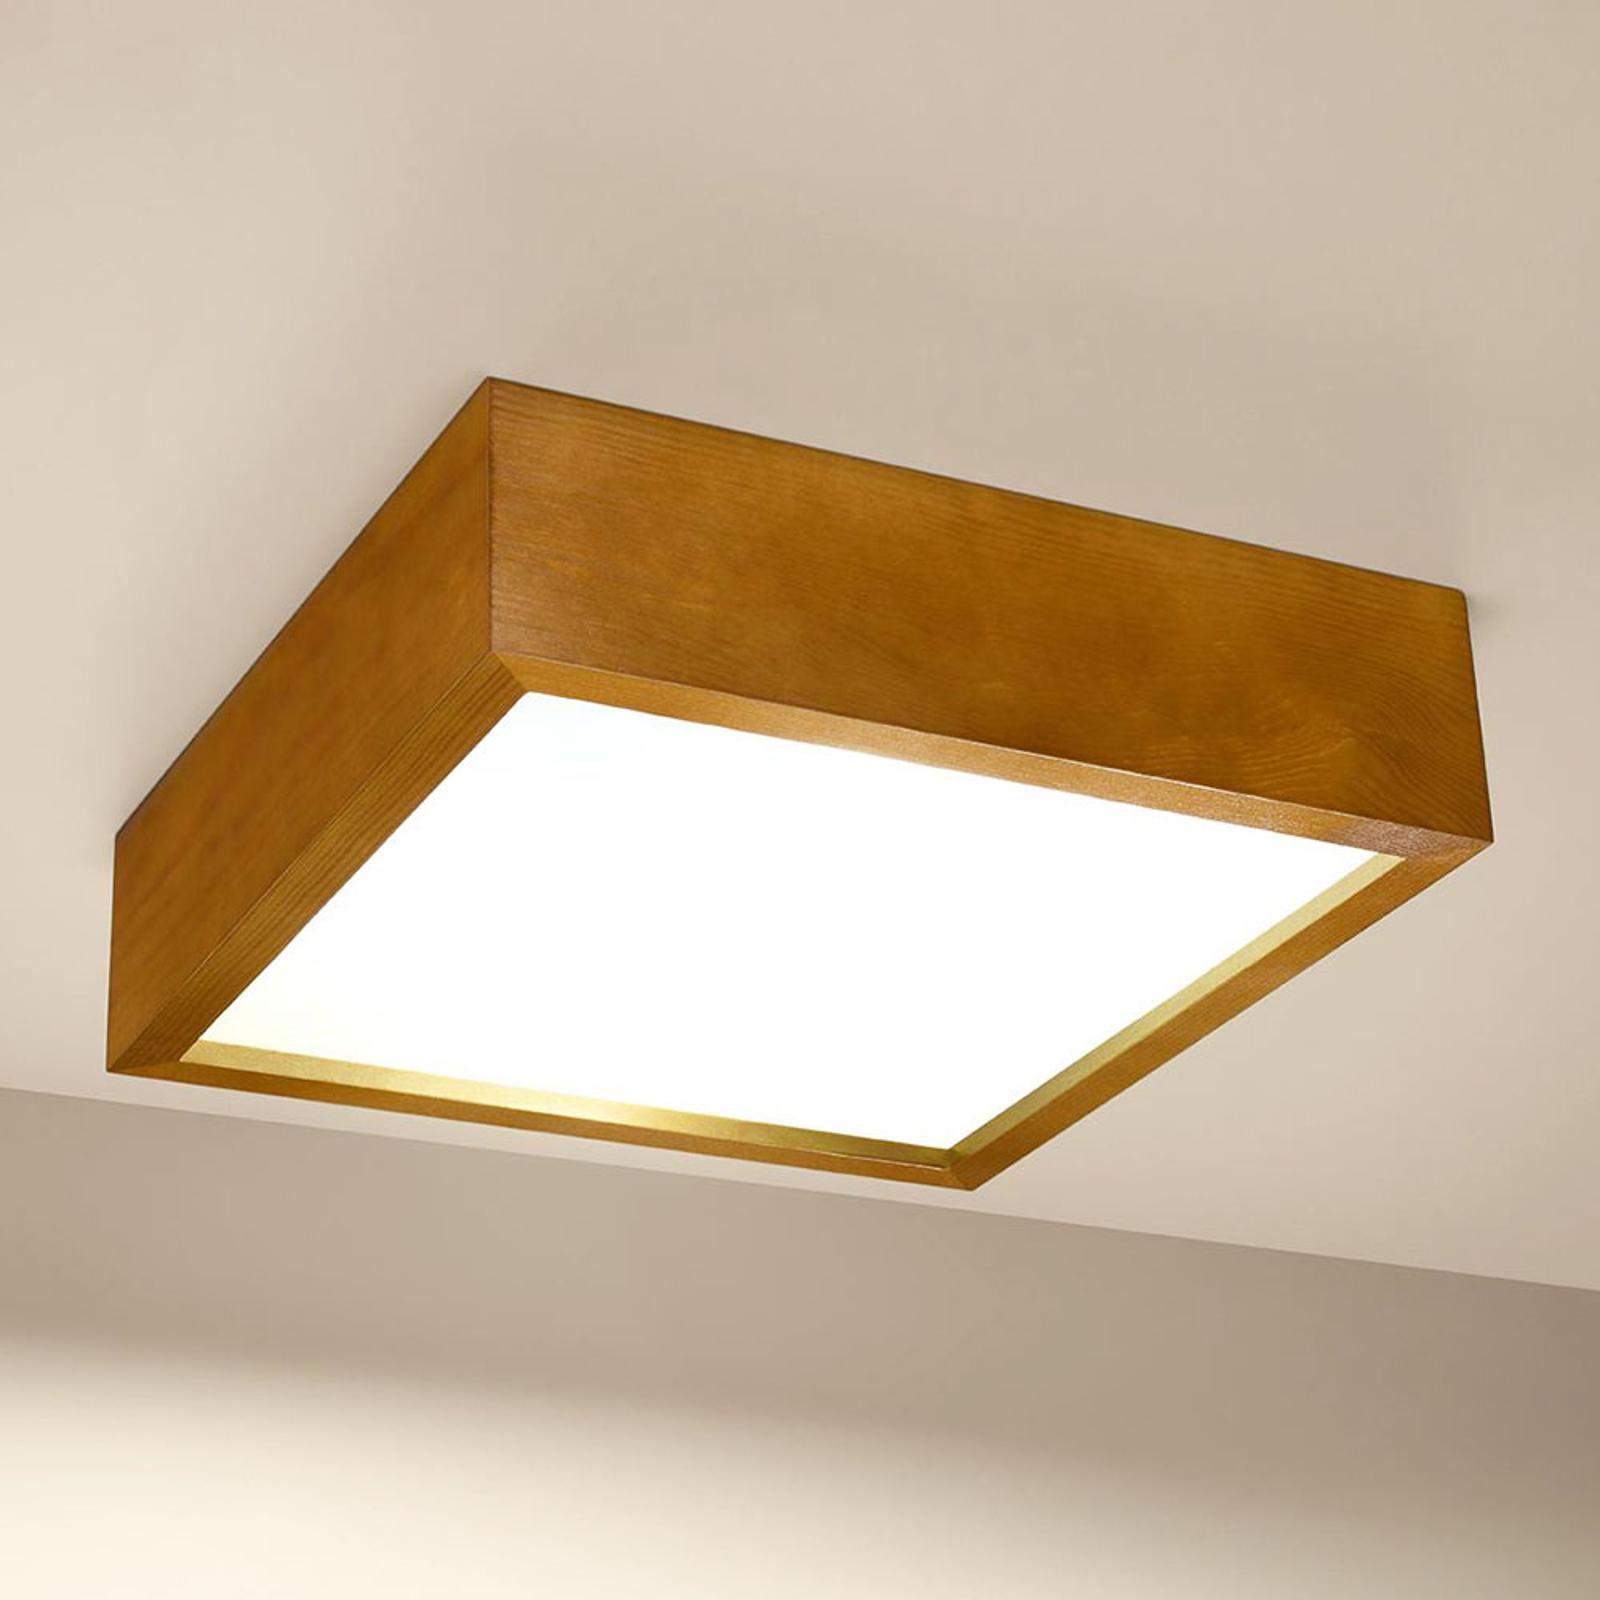 Madras taklampe eik 30,5 x 30,5 cm